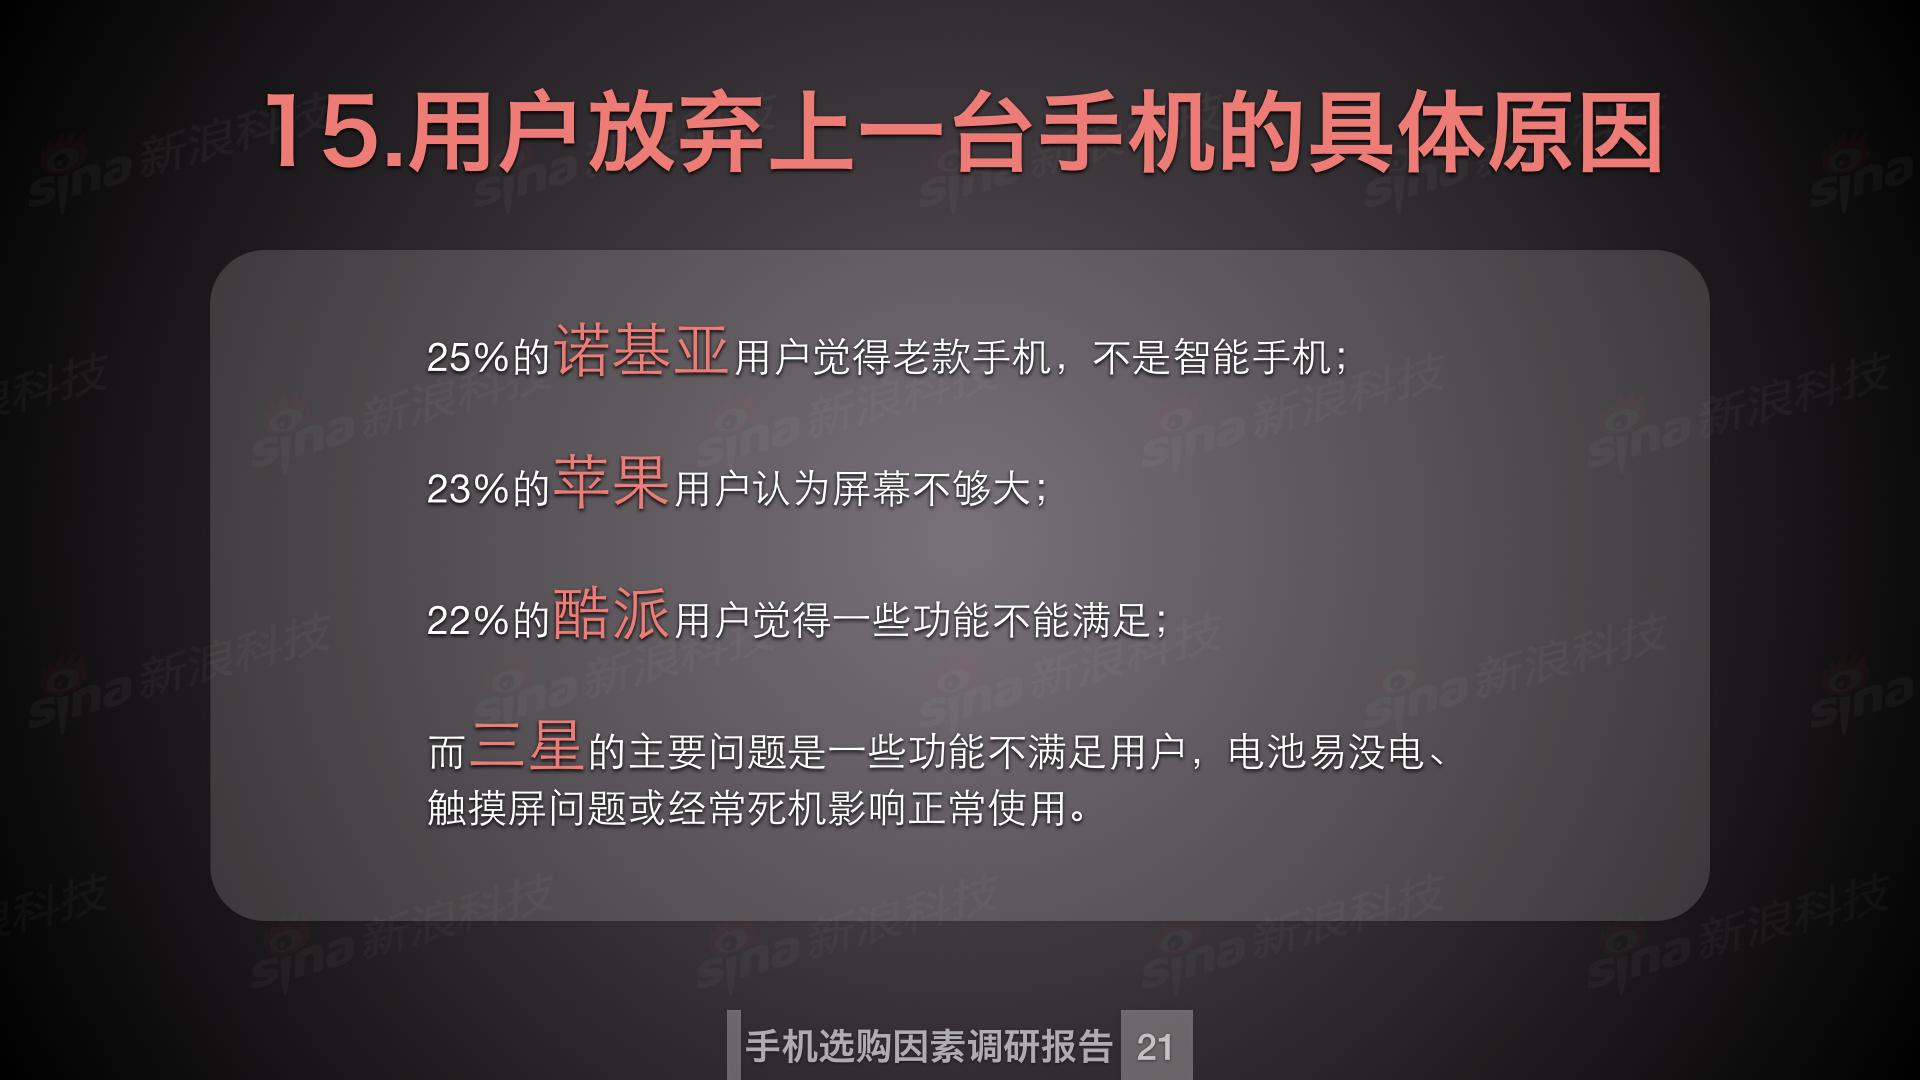 新浪科技数据中心_购买手机因素调研.022